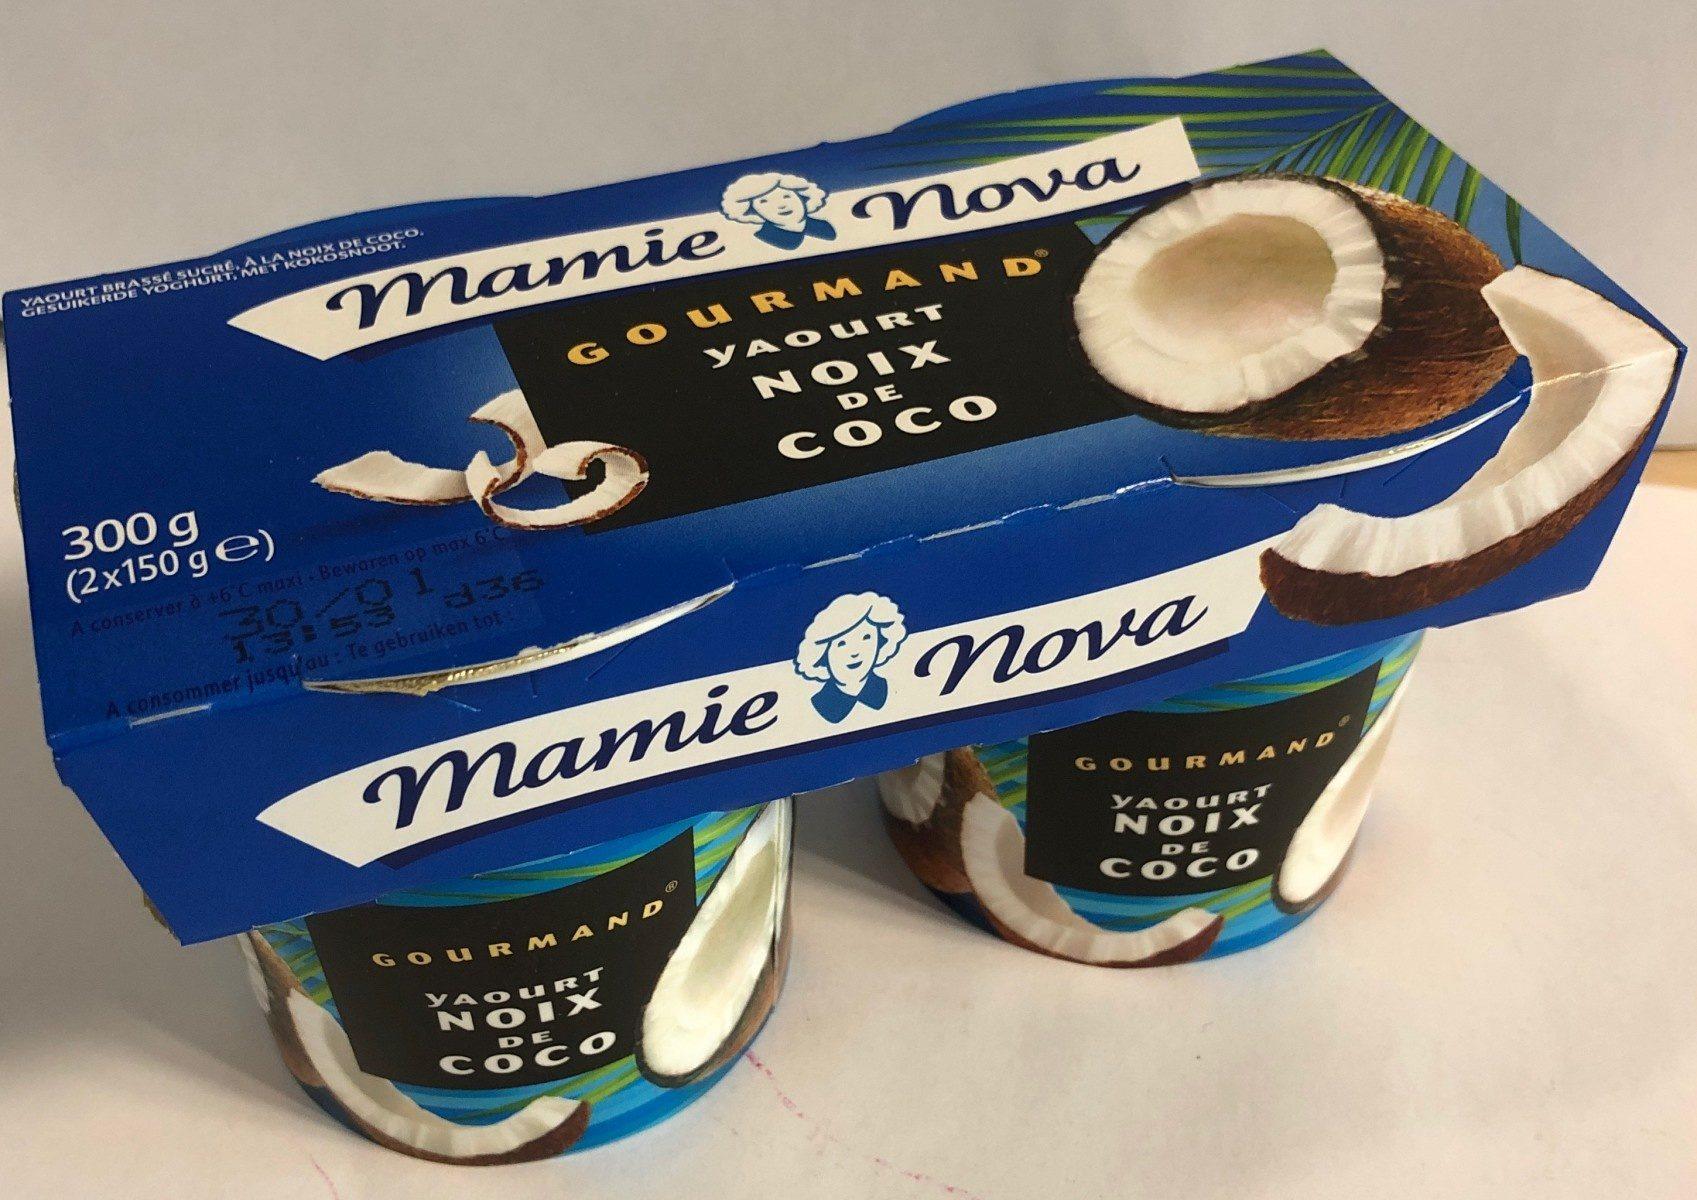 Yaourt Gourmand - noix de coco - Product